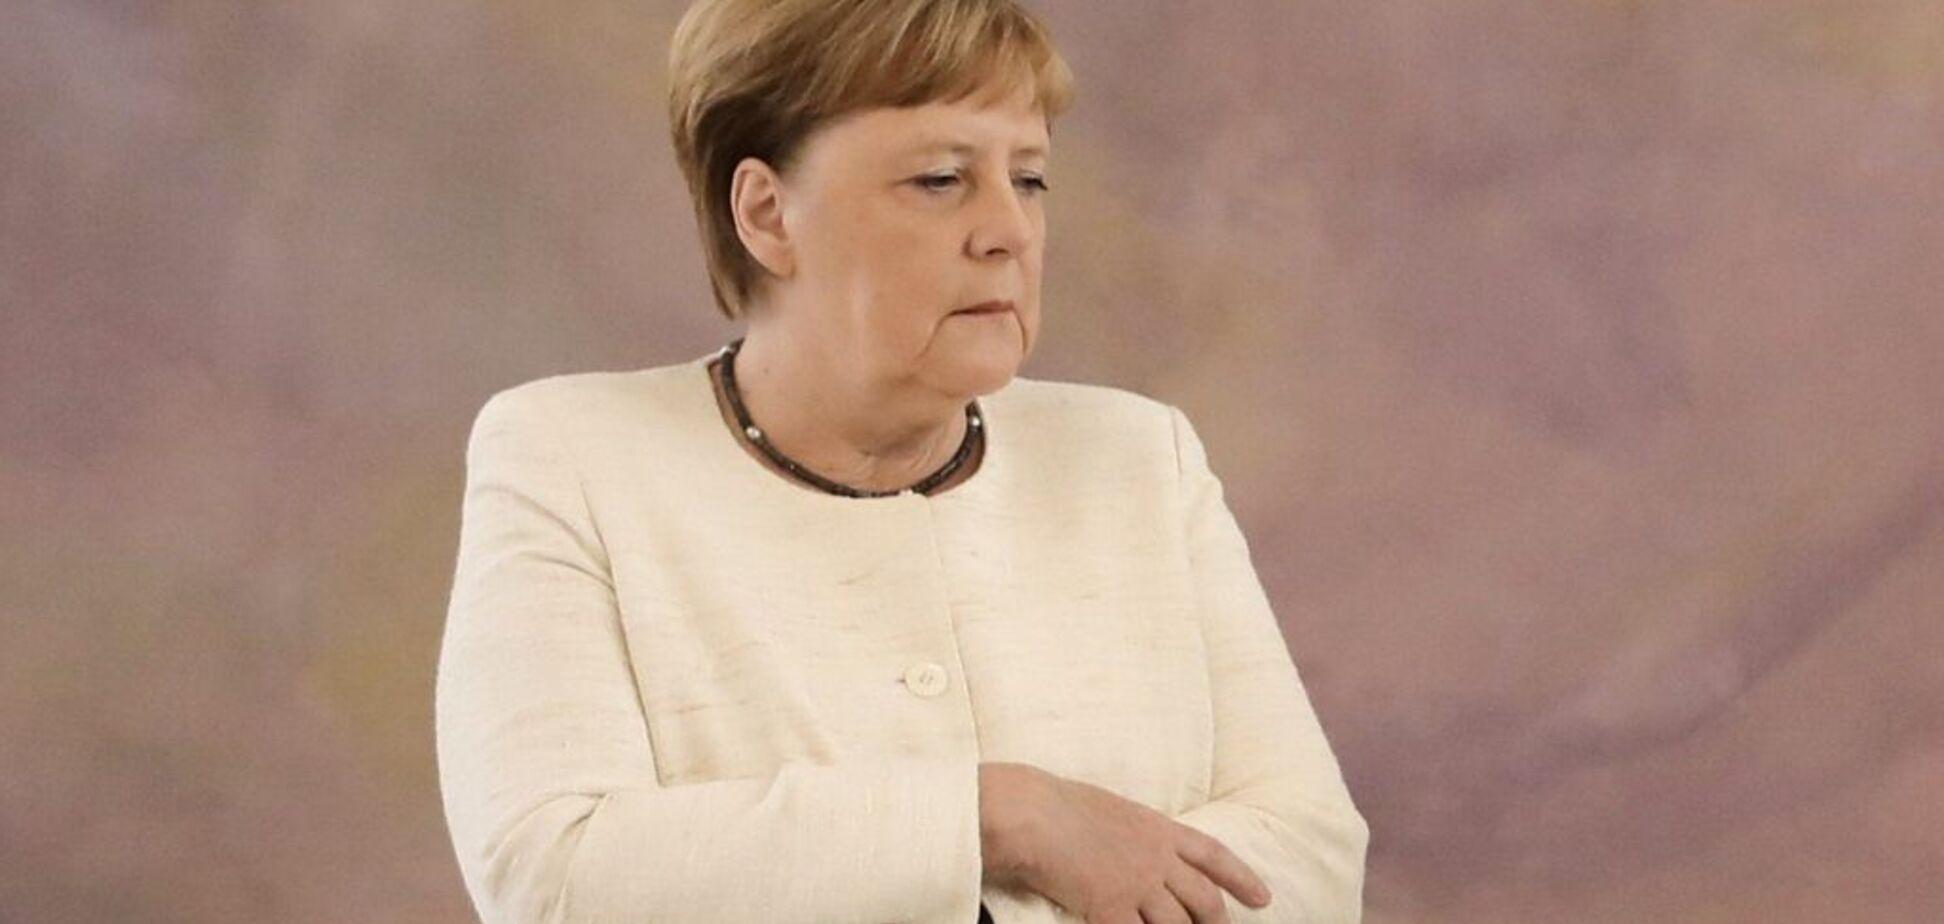 Очередной приступ? Меркель удивила поступком на публике: видео